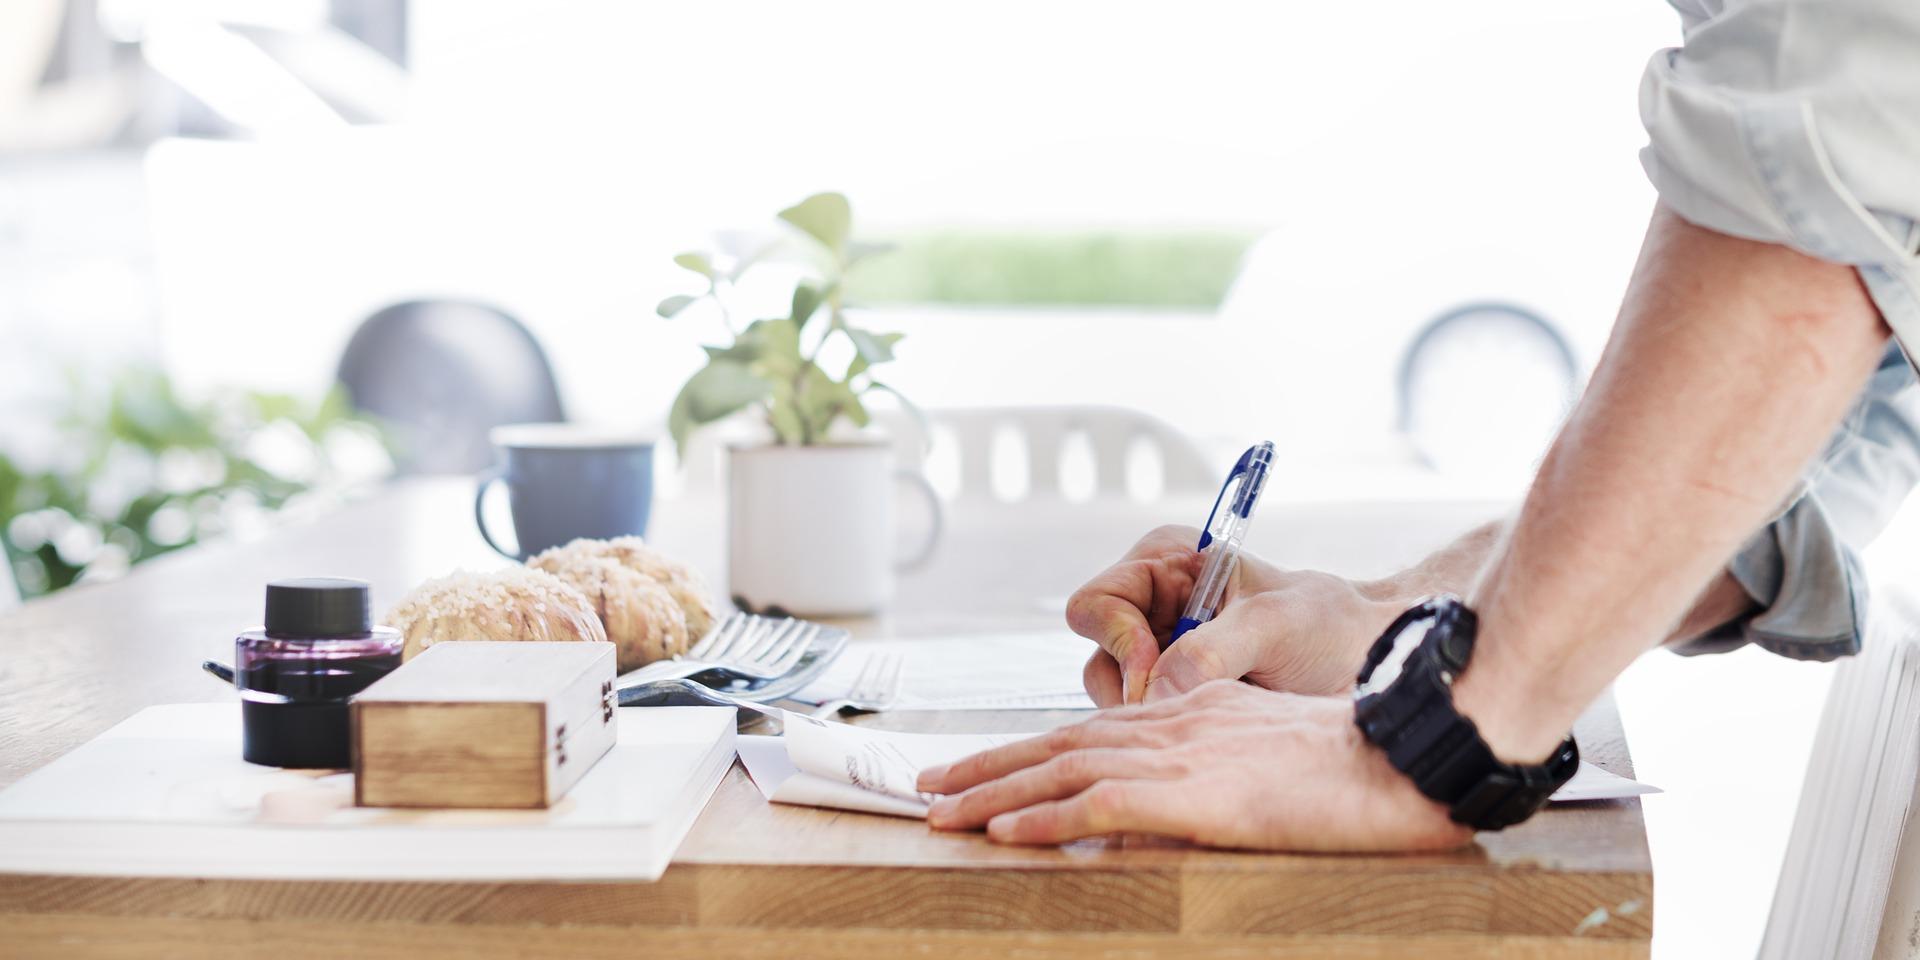 入社3ヵ月以内の短期離職は履歴書に書かないといけないのか?